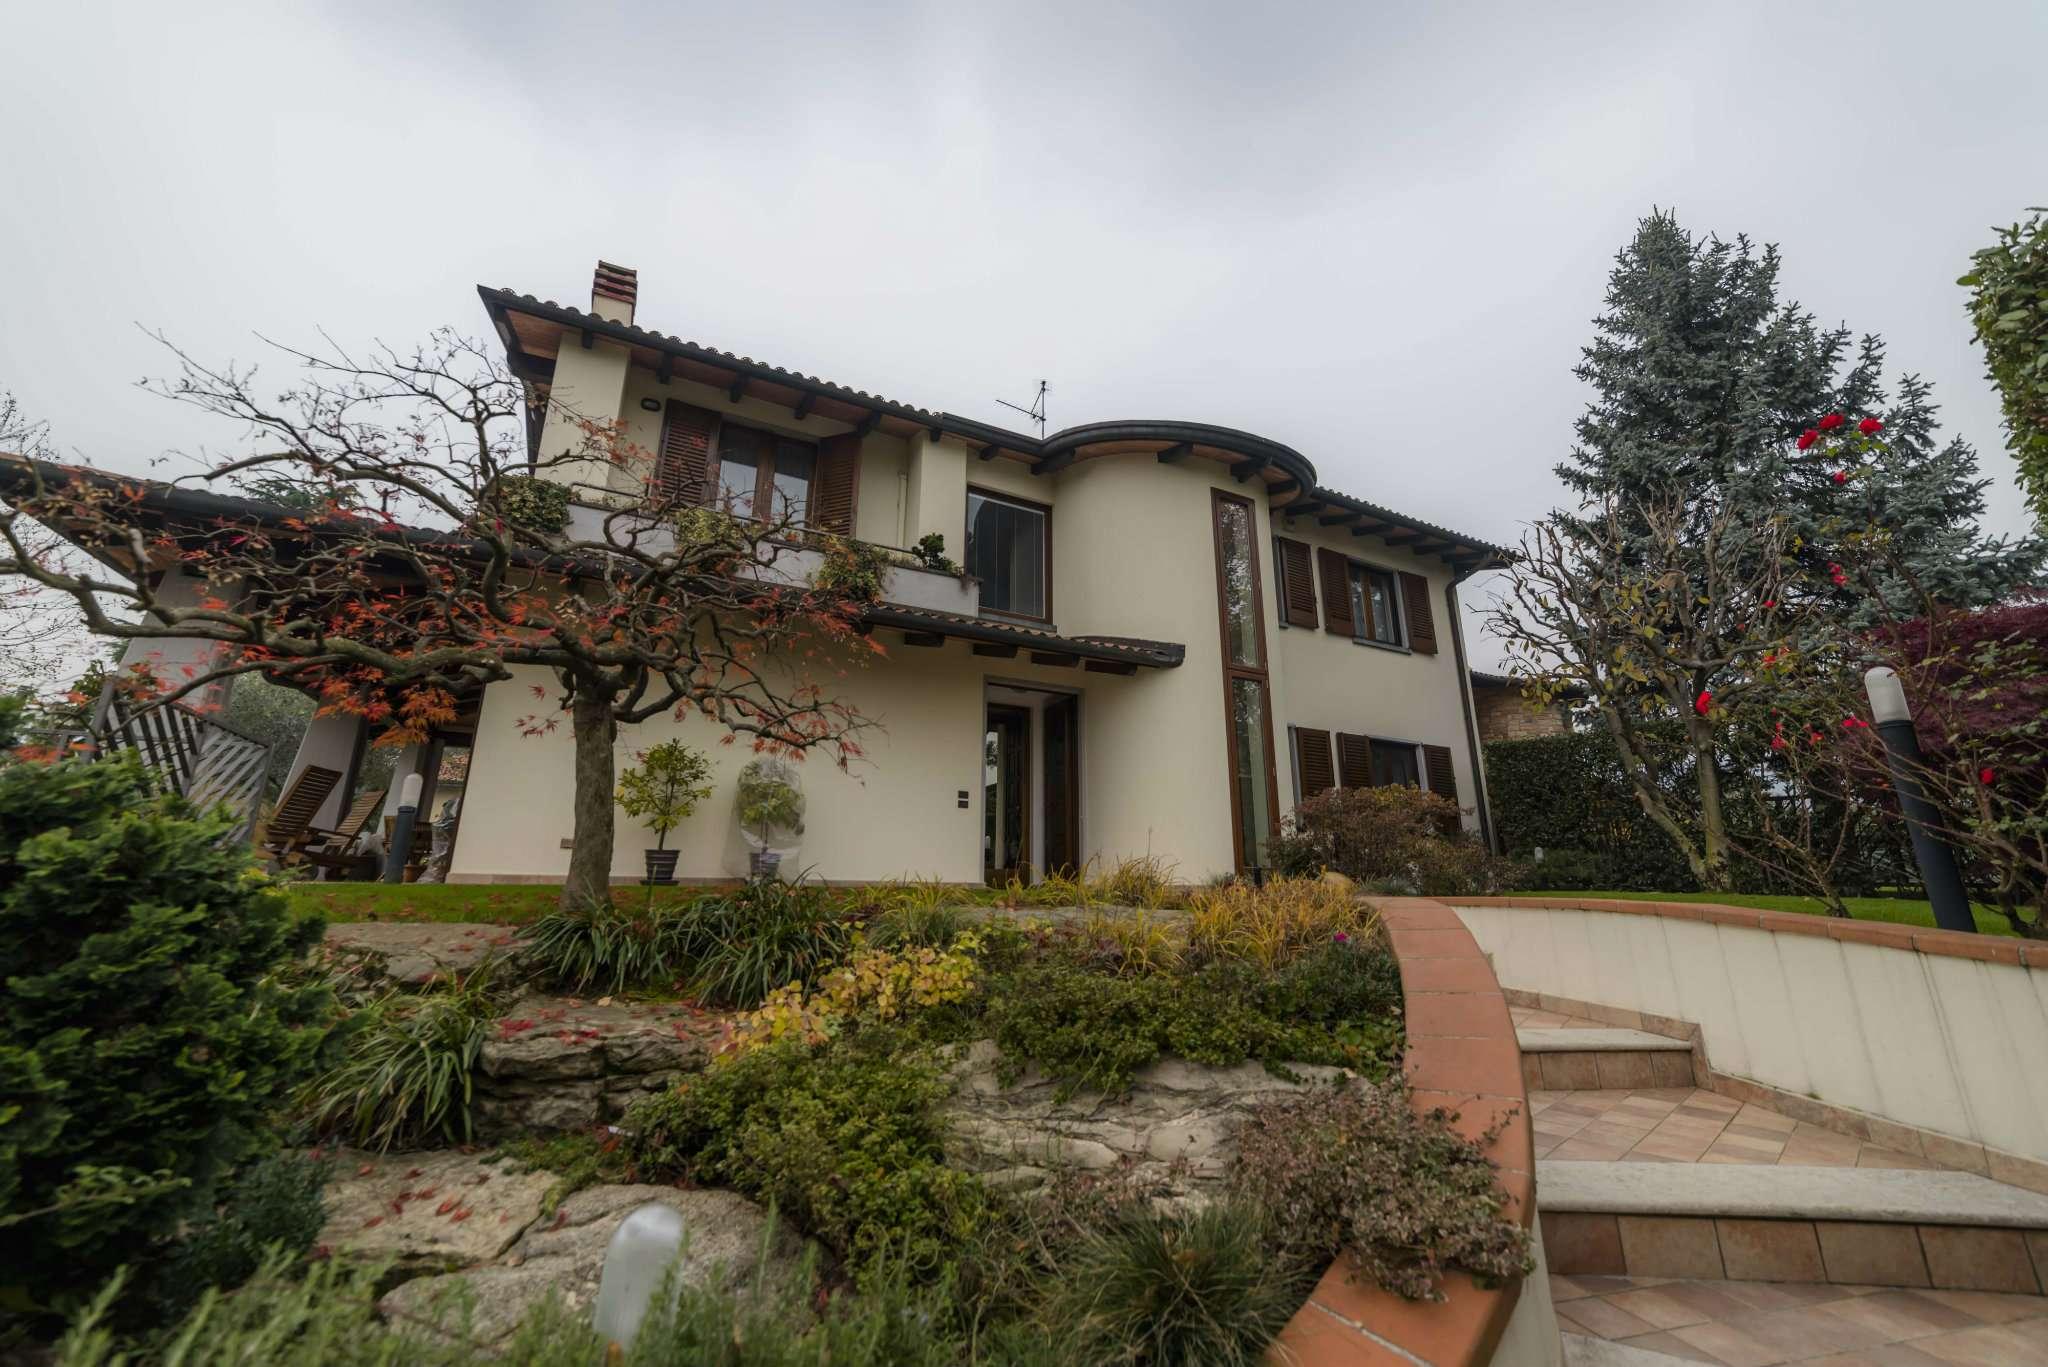 Villa in Vendita a Scanzorosciate